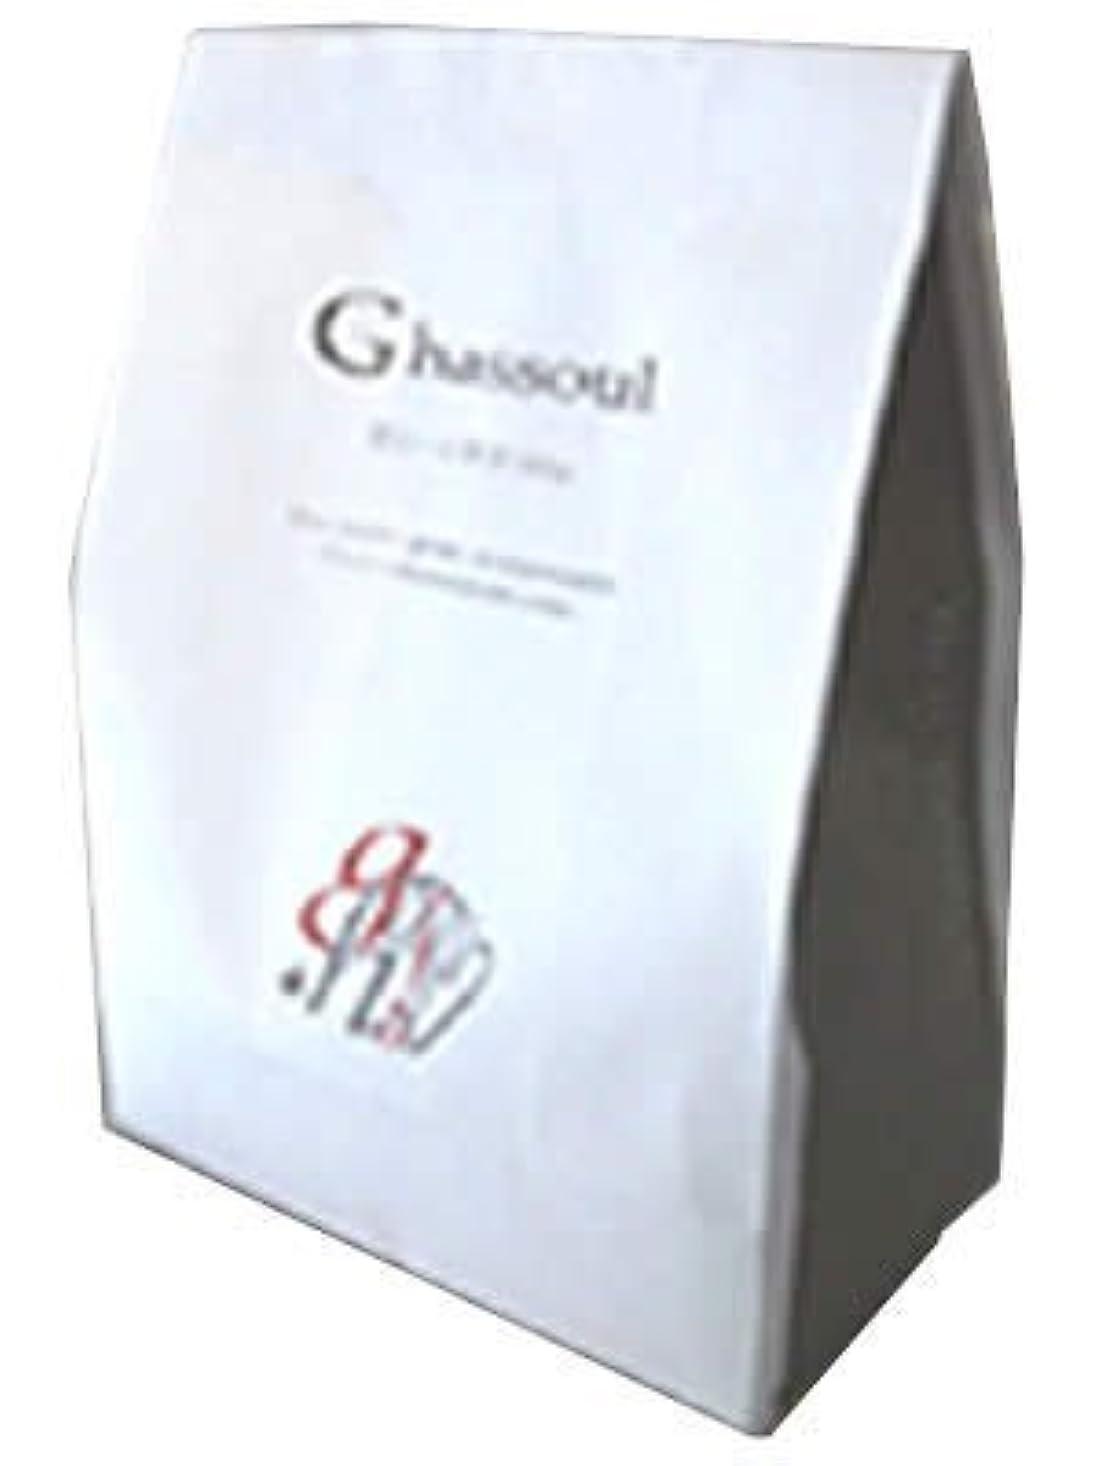 拒絶五次へナイアード ガスール固形(タブレット)タイプ 500g